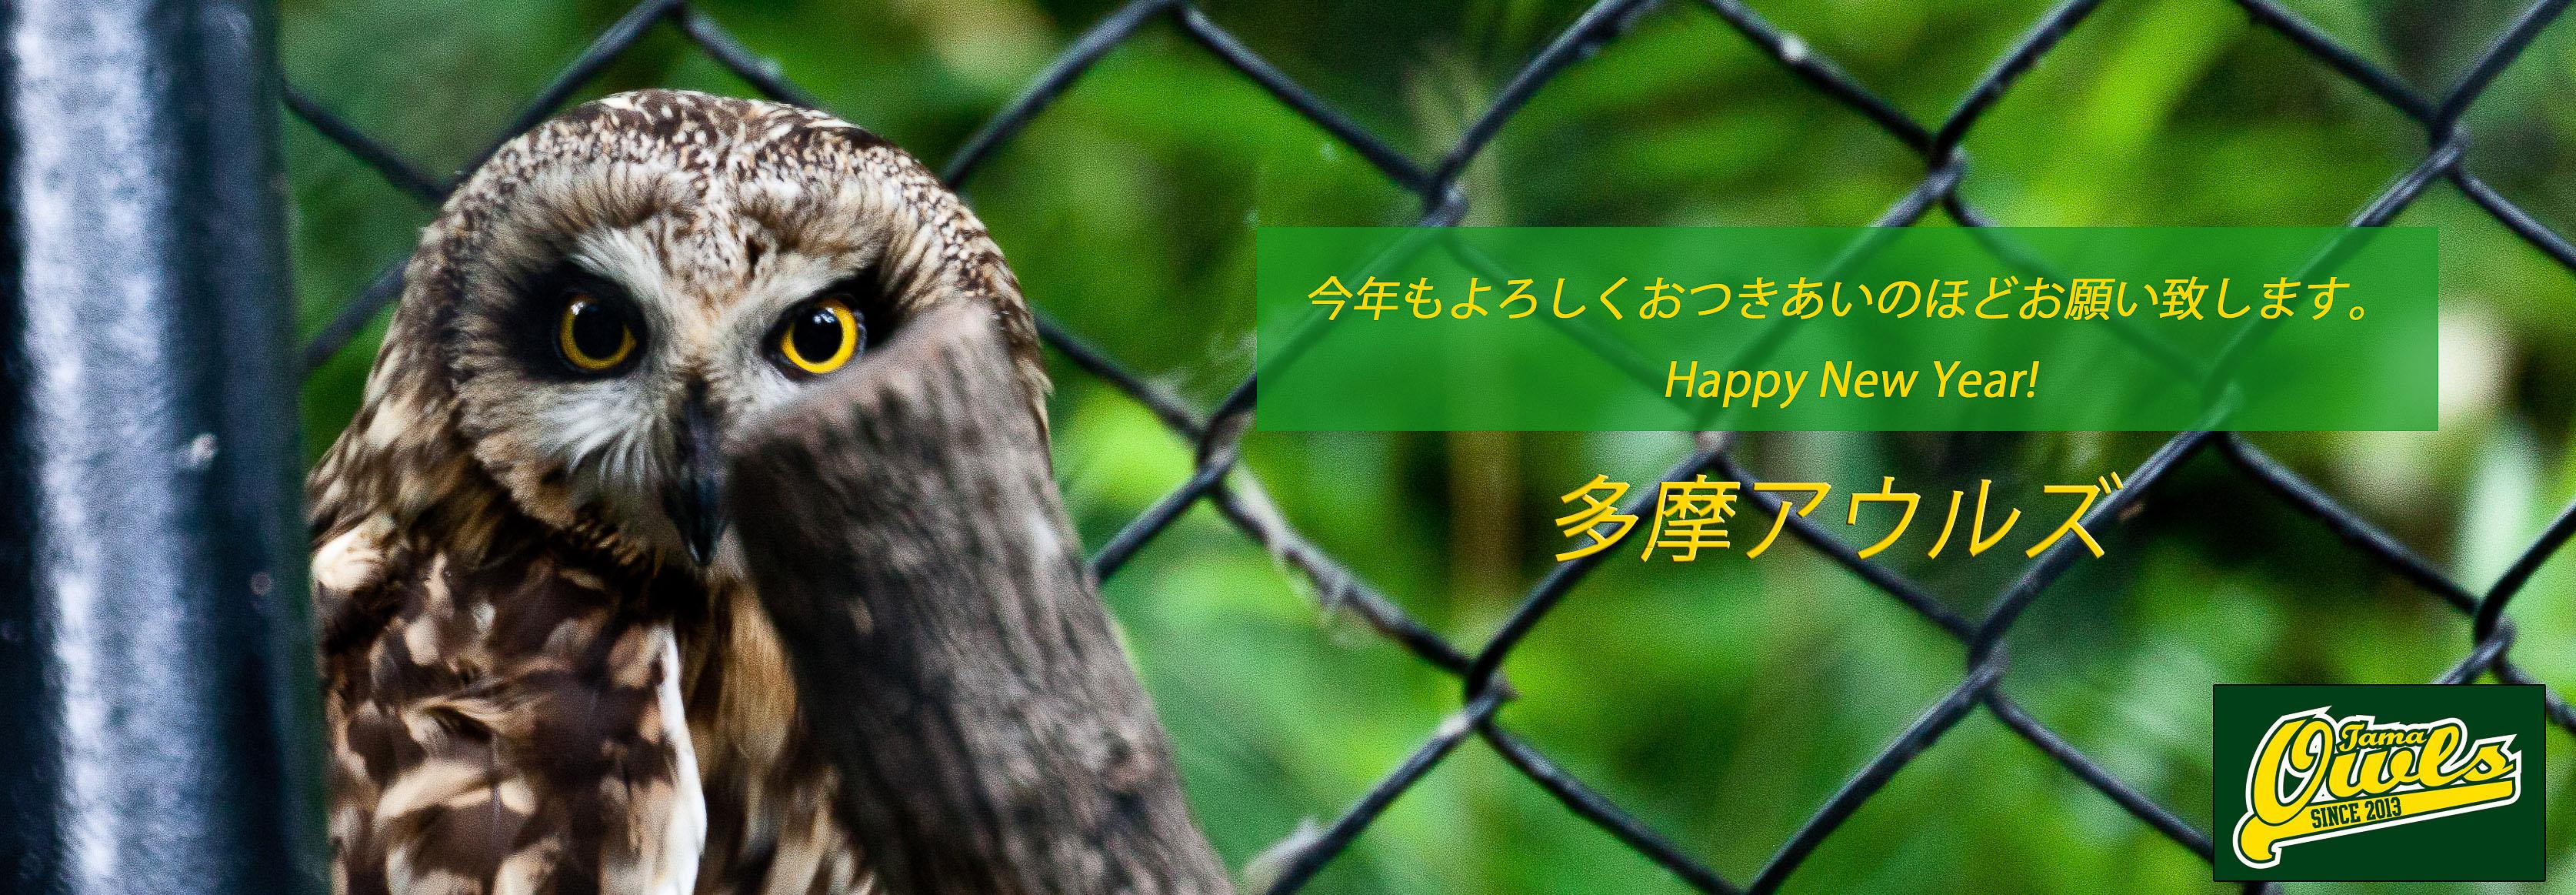 20130723-OwlsCover